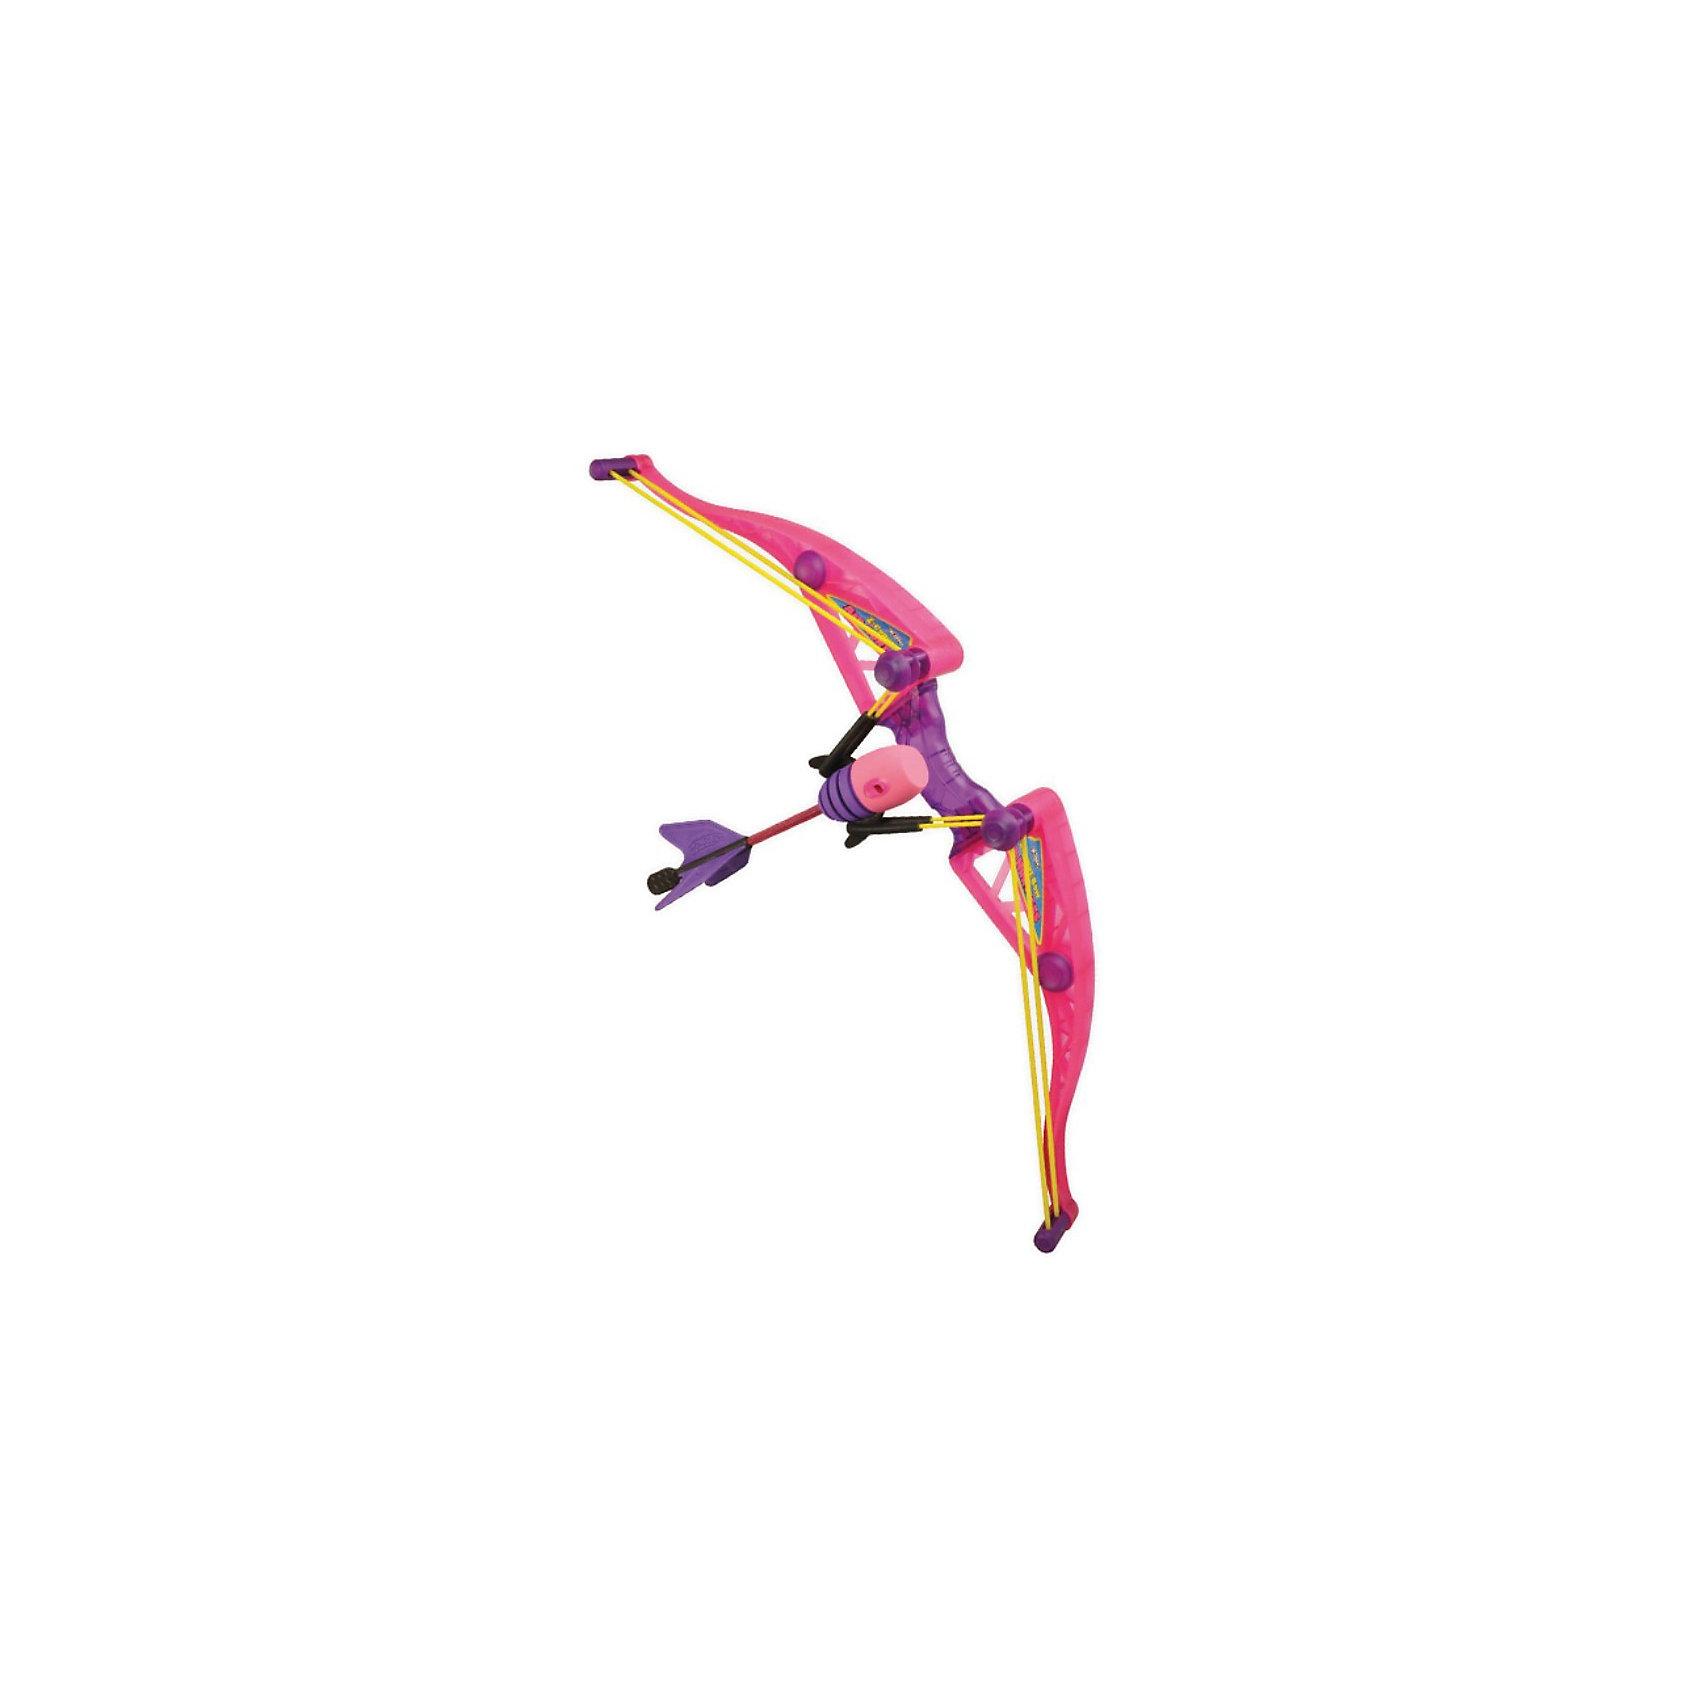 Лук Амазонка, ZingБластеры, пистолеты и прочее<br>Красивый розовый лук Амазонка от Zing (Зинг) , созданный специально для девочек! Эта легкая, прочная и безопасная игрушка быстро заряжается и позволяет стрелять далеко и метко. Лук Air Huntress Z-Curve – идеальное оружие для юной амазонки! Безопасные мягкие стрелы летят точно в цель и при этом не способны нанести вред ни стрелку, ни окружающим его людям и предметам. Лук для девочек легко заряжается и отличается прекрасной дальностью полета – до 70 метров! Игрушка Zing (Зинг) предназначена для активного отдыха на свежем воздухе, а ее современный дизайн понравится любой девочке. Стрельба из лука обеспечивает увлекательное времяпрепровождение, развивает меткость и глазомер.<br><br>Дополнительная информация:<br><br>- Комплектация: лук для девочек Z-Curve, 2 стрелы с мягким наконечником, стрела с присоской, держатель для стрел;<br>- Игрушка развивает меткость и координацию;<br>- Лук оснащен мягкими стрелами из вспененного полиуретана;<br>- Дальность полета стрел до 70 метров;<br>- Игрушка полностью безопасна как для стрелка, так и для окружающих;<br>- Игрушка идеальна для игр на улице;<br>- Материал: пластик;<br>- Размер упаковки: 60 х 10 х 20 см;<br>- Вес: 530 г<br><br>Лук Амазонка, Zing (Зинг) можно купить в нашем интернет-магазине.<br><br>Ширина мм: 600<br>Глубина мм: 100<br>Высота мм: 200<br>Вес г: 530<br>Возраст от месяцев: 96<br>Возраст до месяцев: 2147483647<br>Пол: Женский<br>Возраст: Детский<br>SKU: 3650797